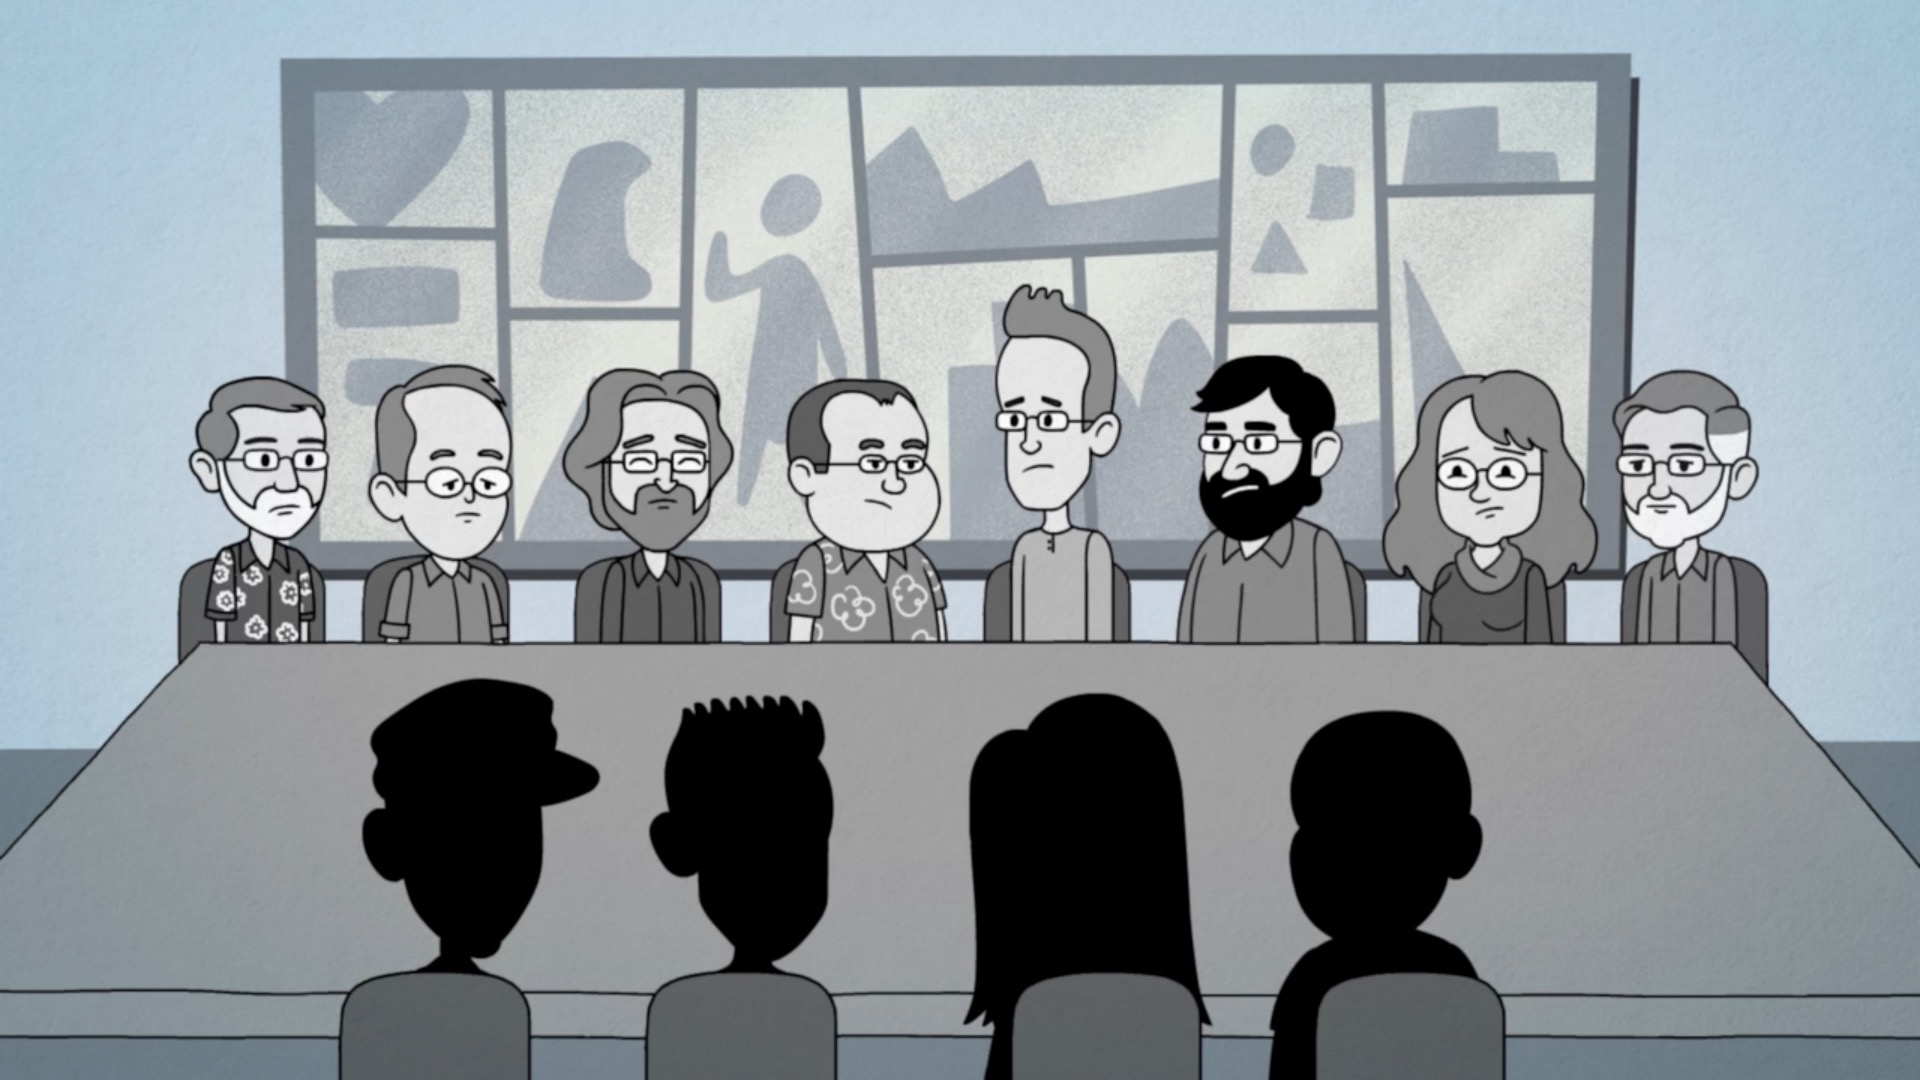 Pixar's brain trust